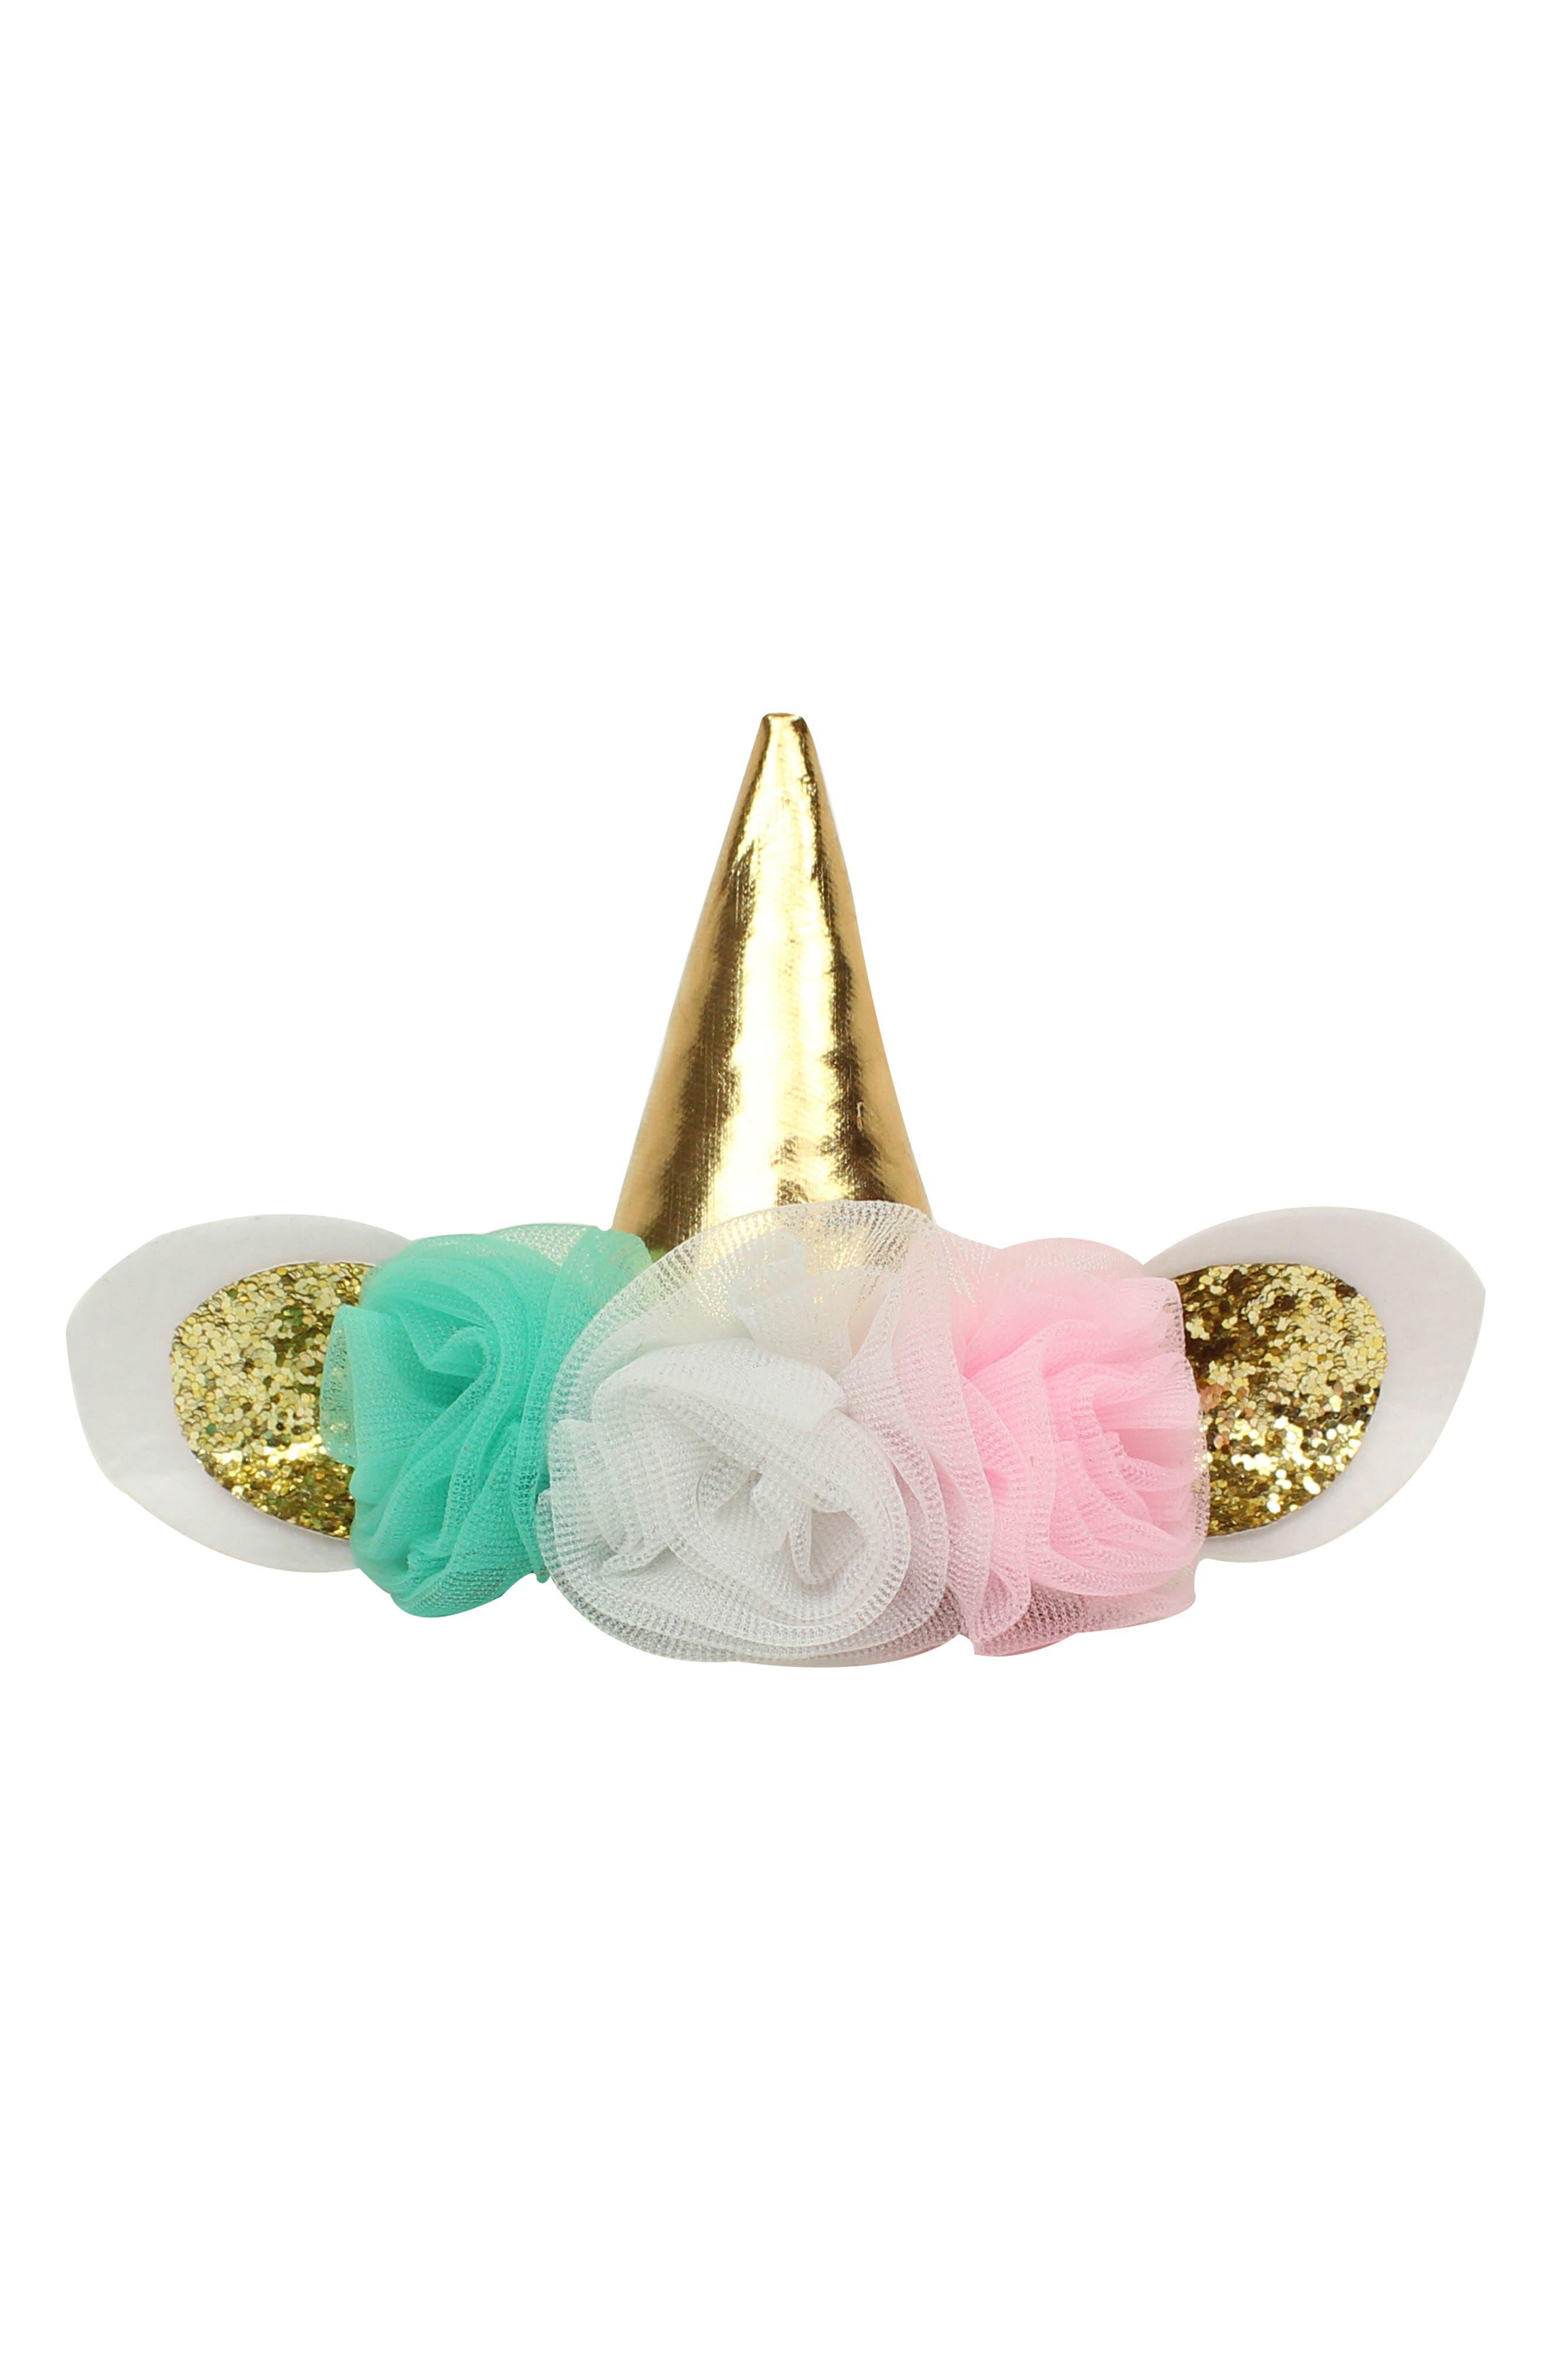 Unicorn Tutu & Headband Set,                             Alternate thumbnail 2, color,                             MINT